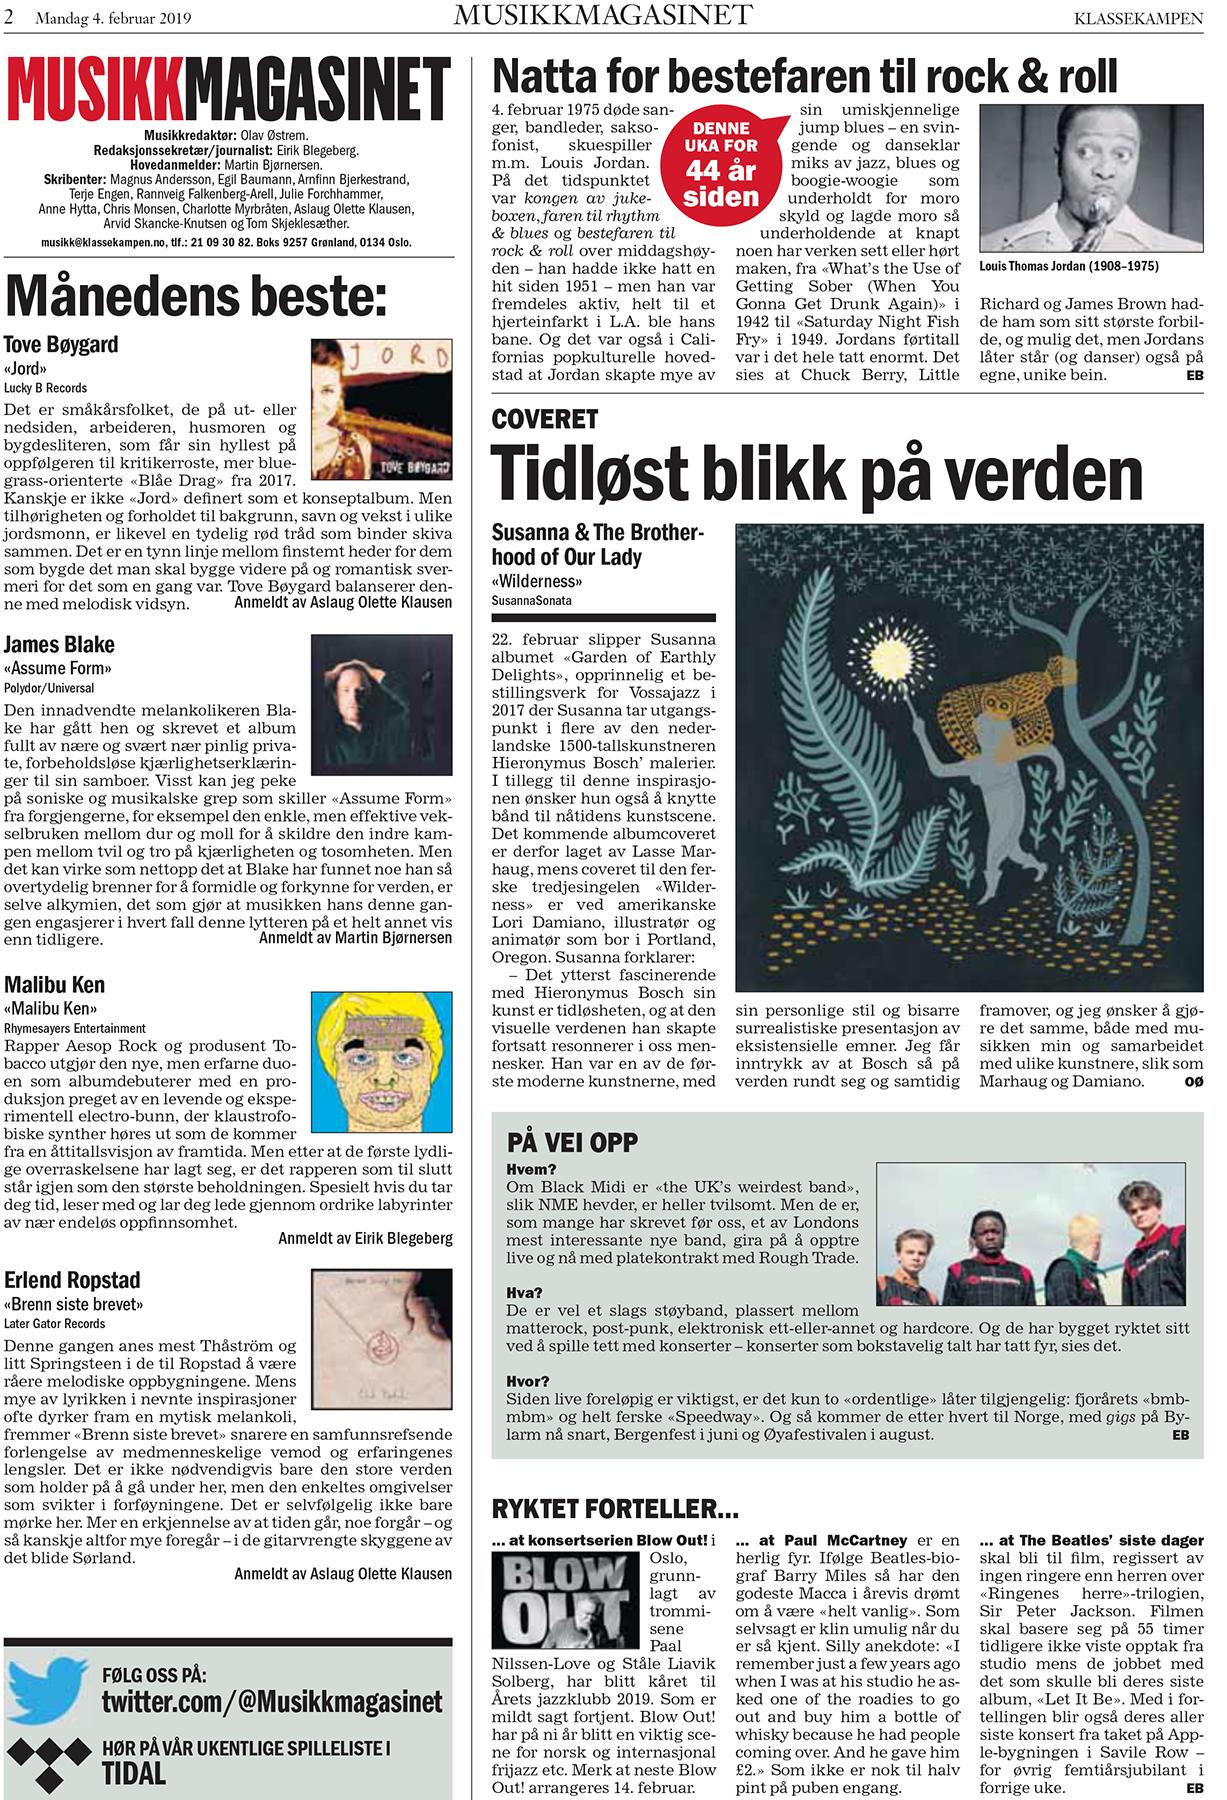 COVER WILDERNESS Musikkmagasinet Klassekampen februar 2019.png